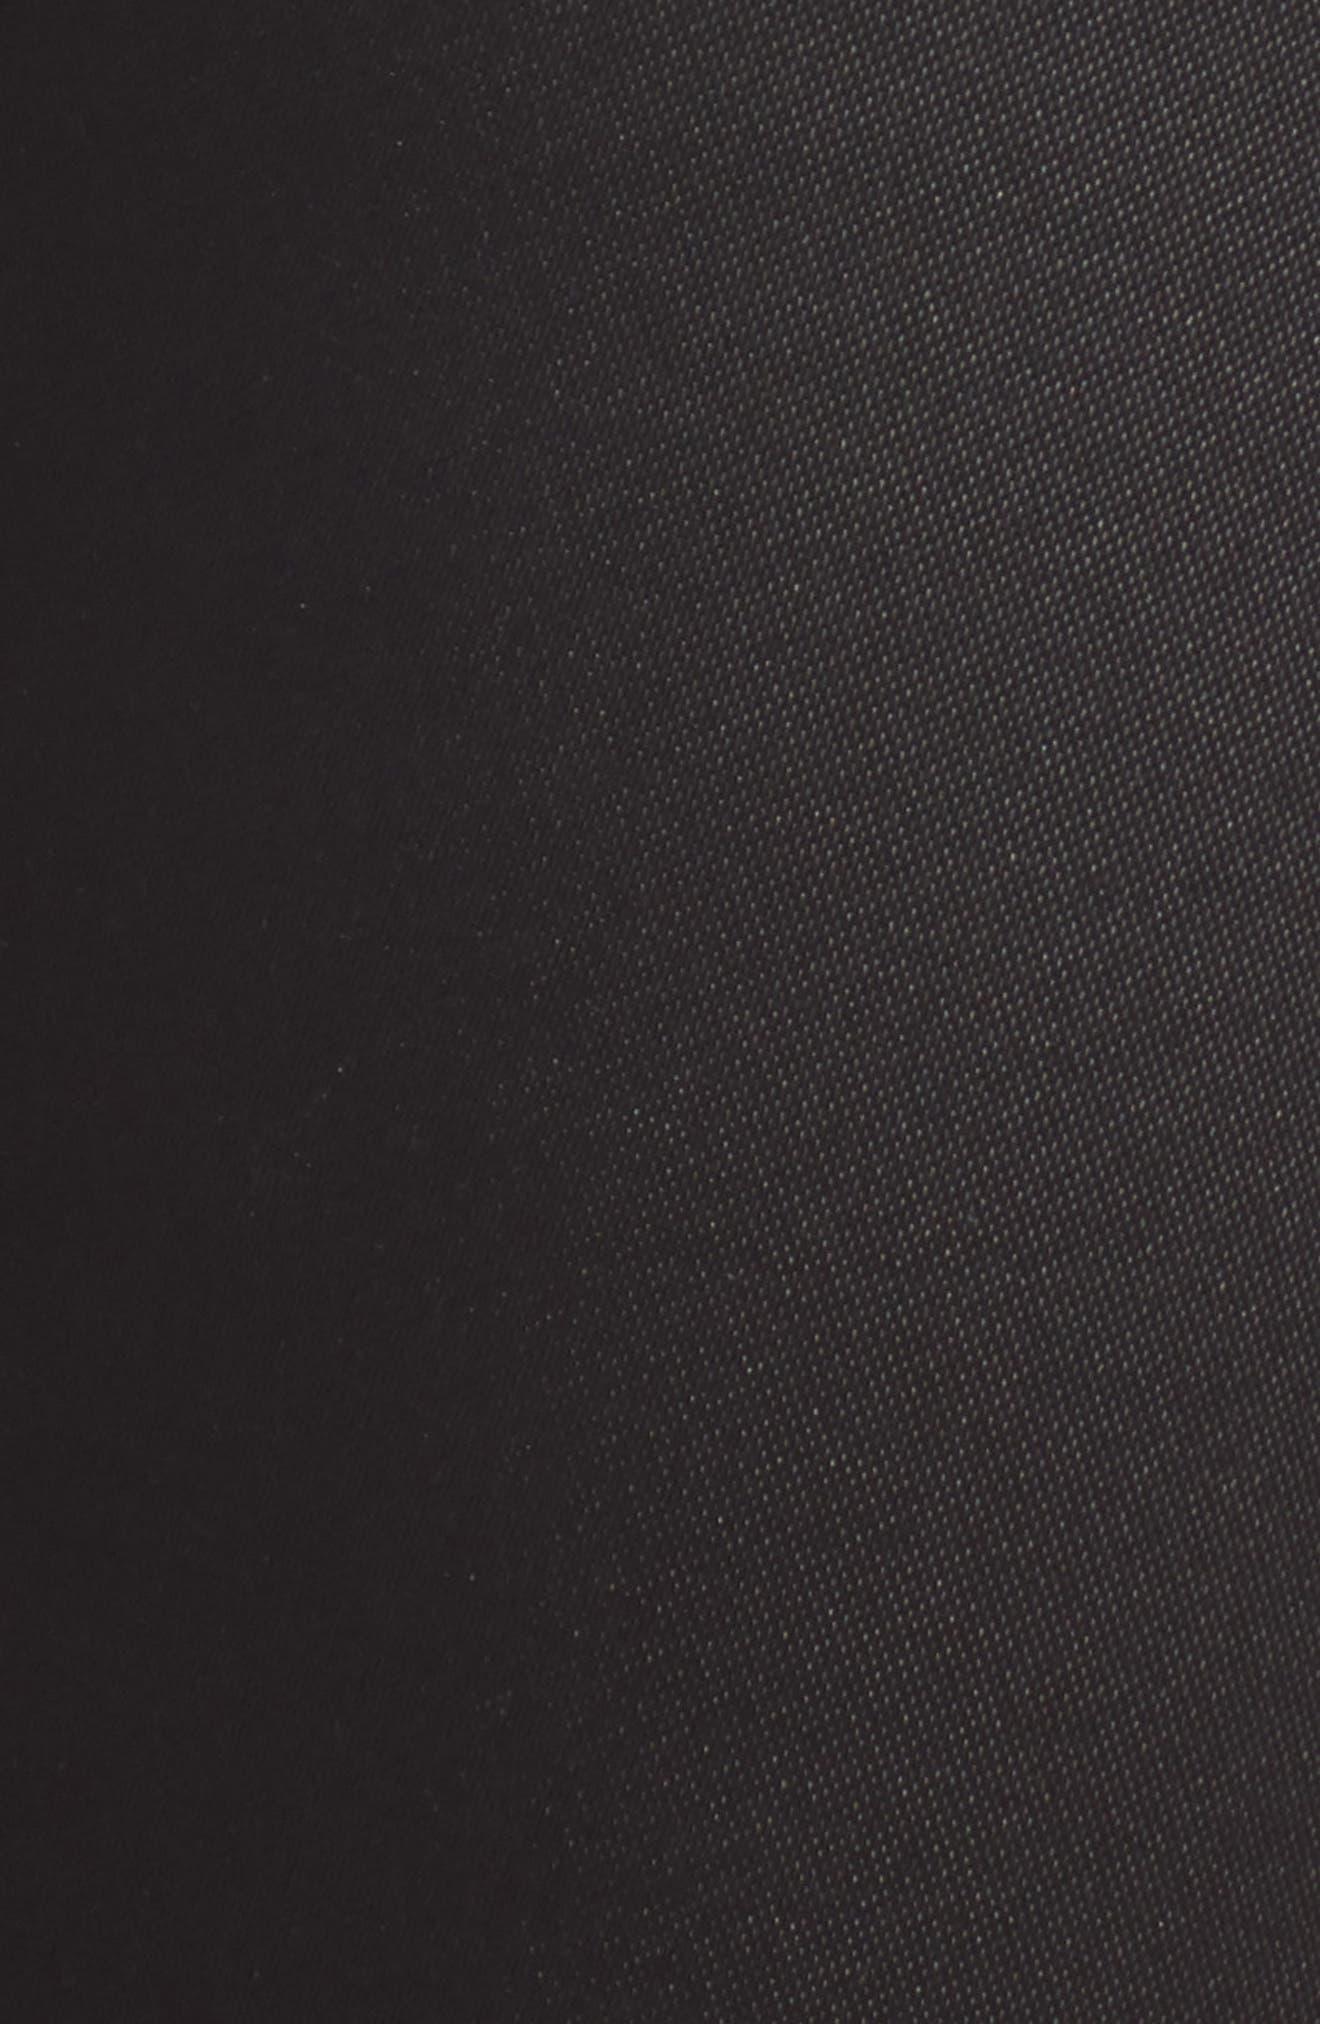 Joni Skinny Pants,                             Alternate thumbnail 6, color,                             BLACK